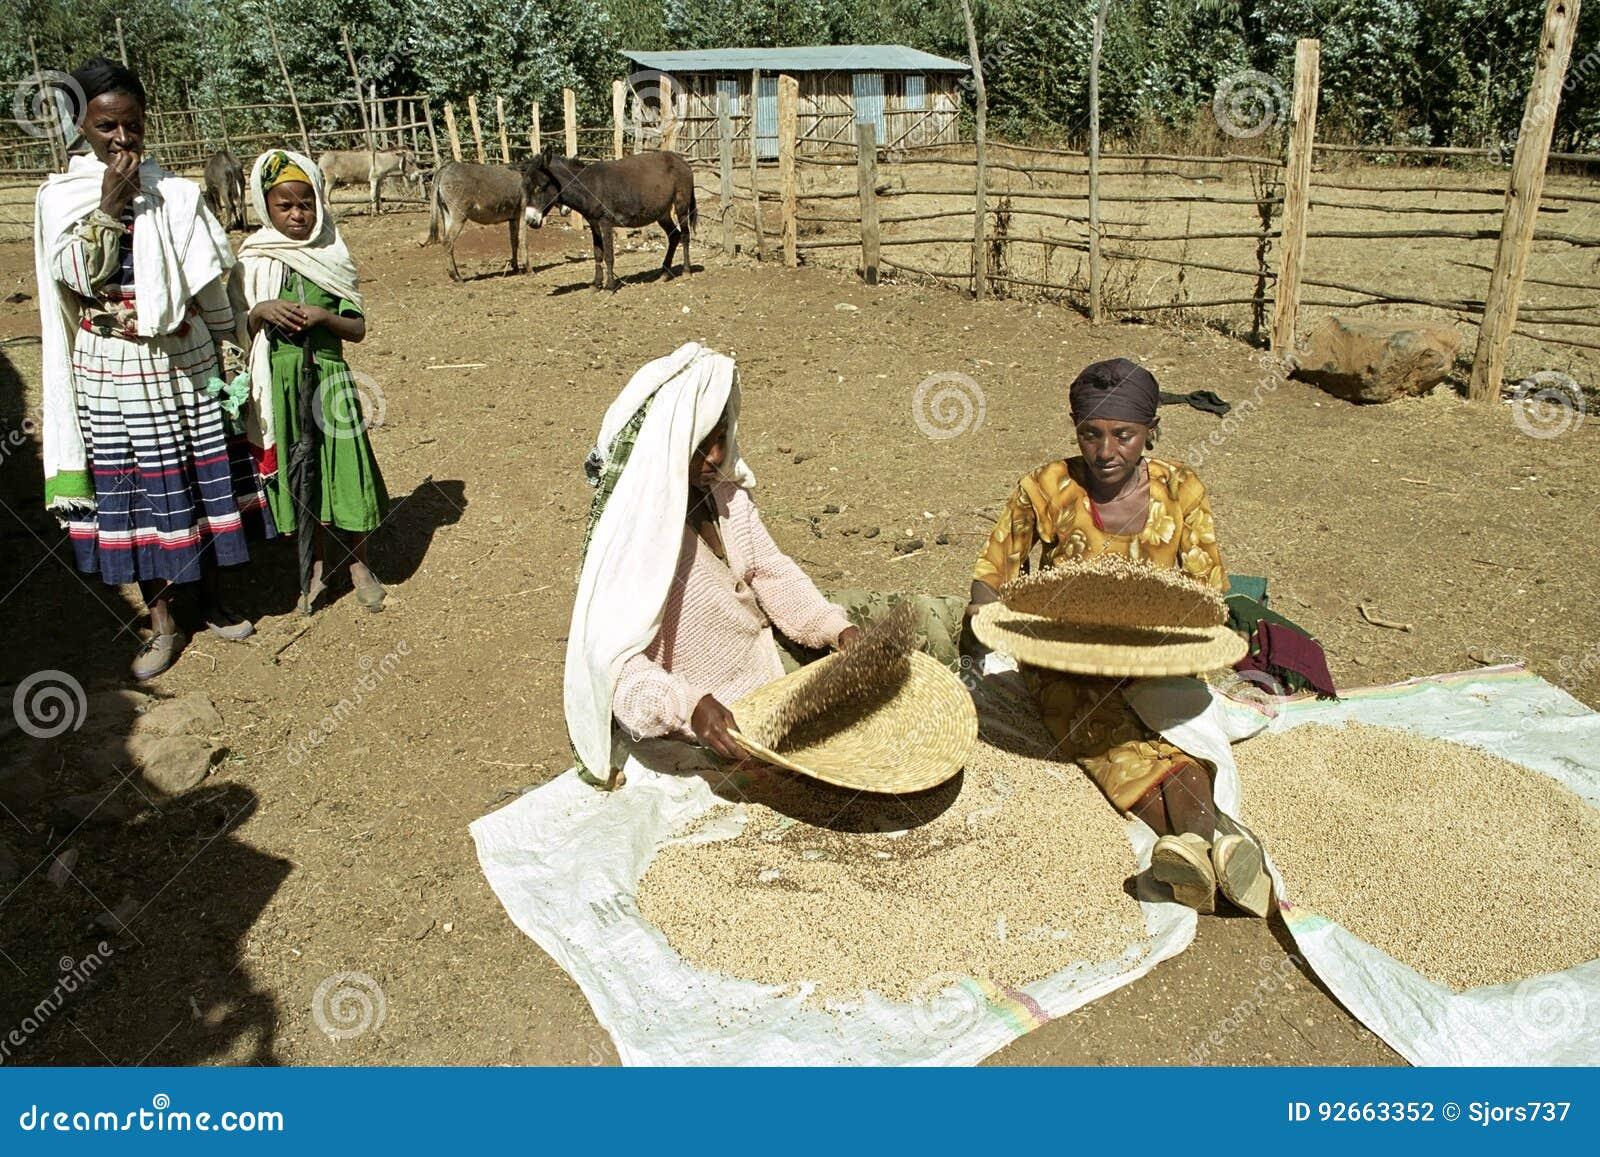 äthiopische frauen